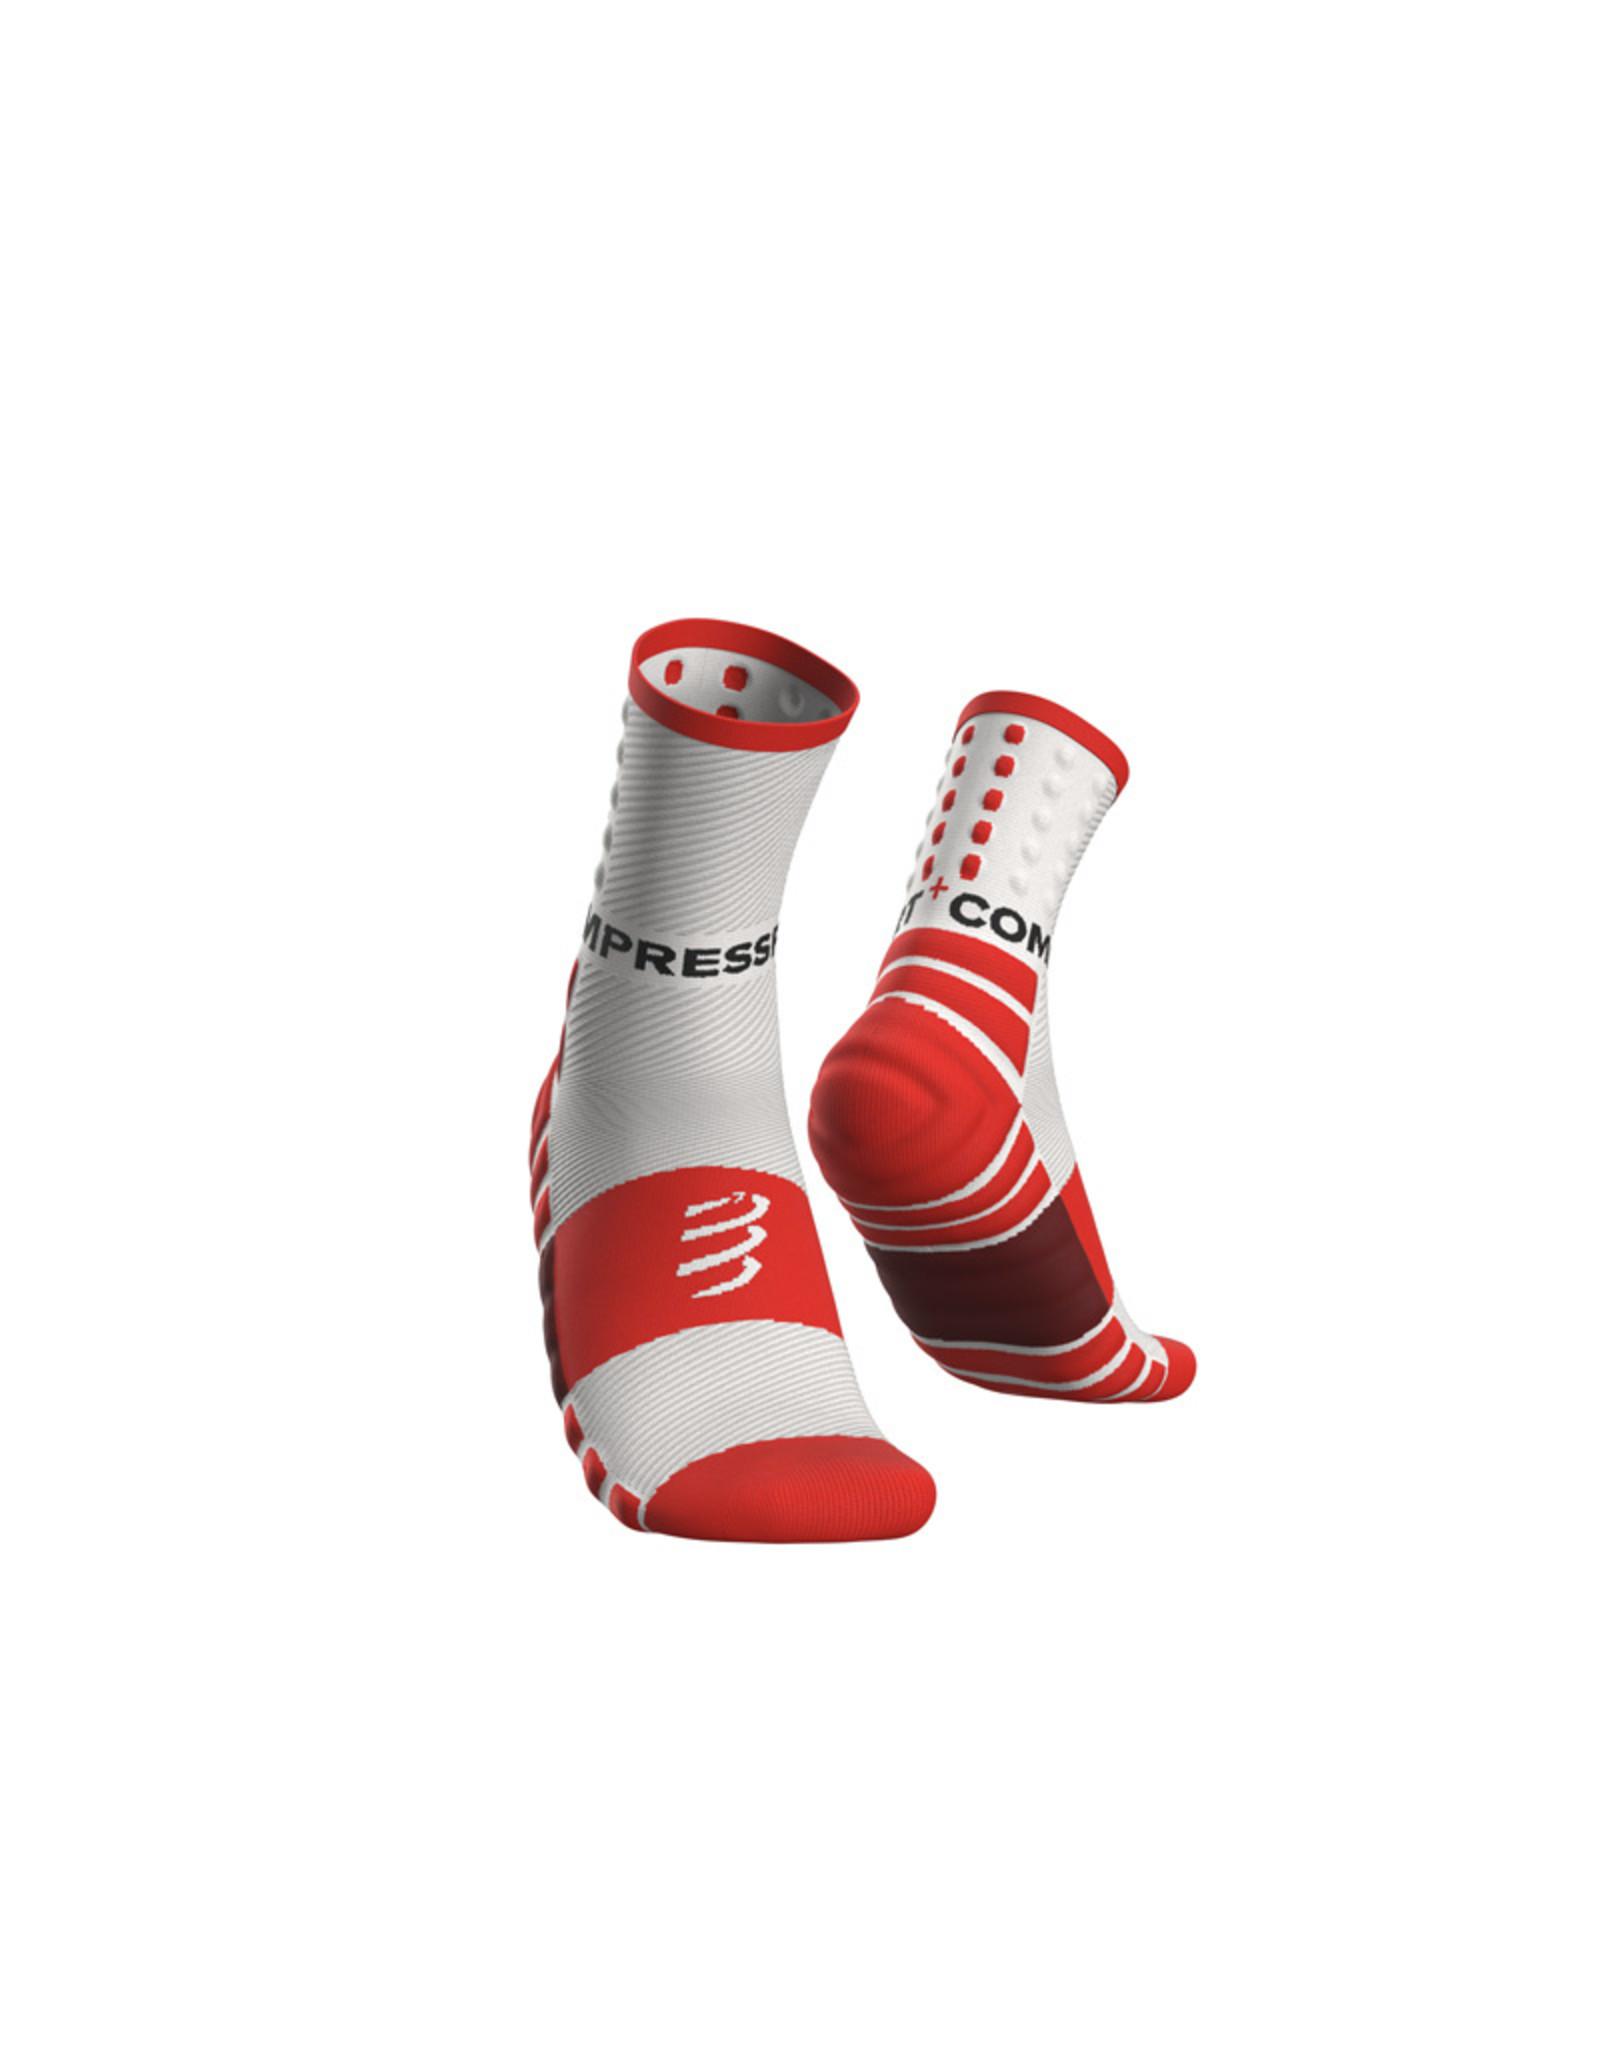 Compressport Shock Absorb Socks Hardloopsokken Hoog - Wit